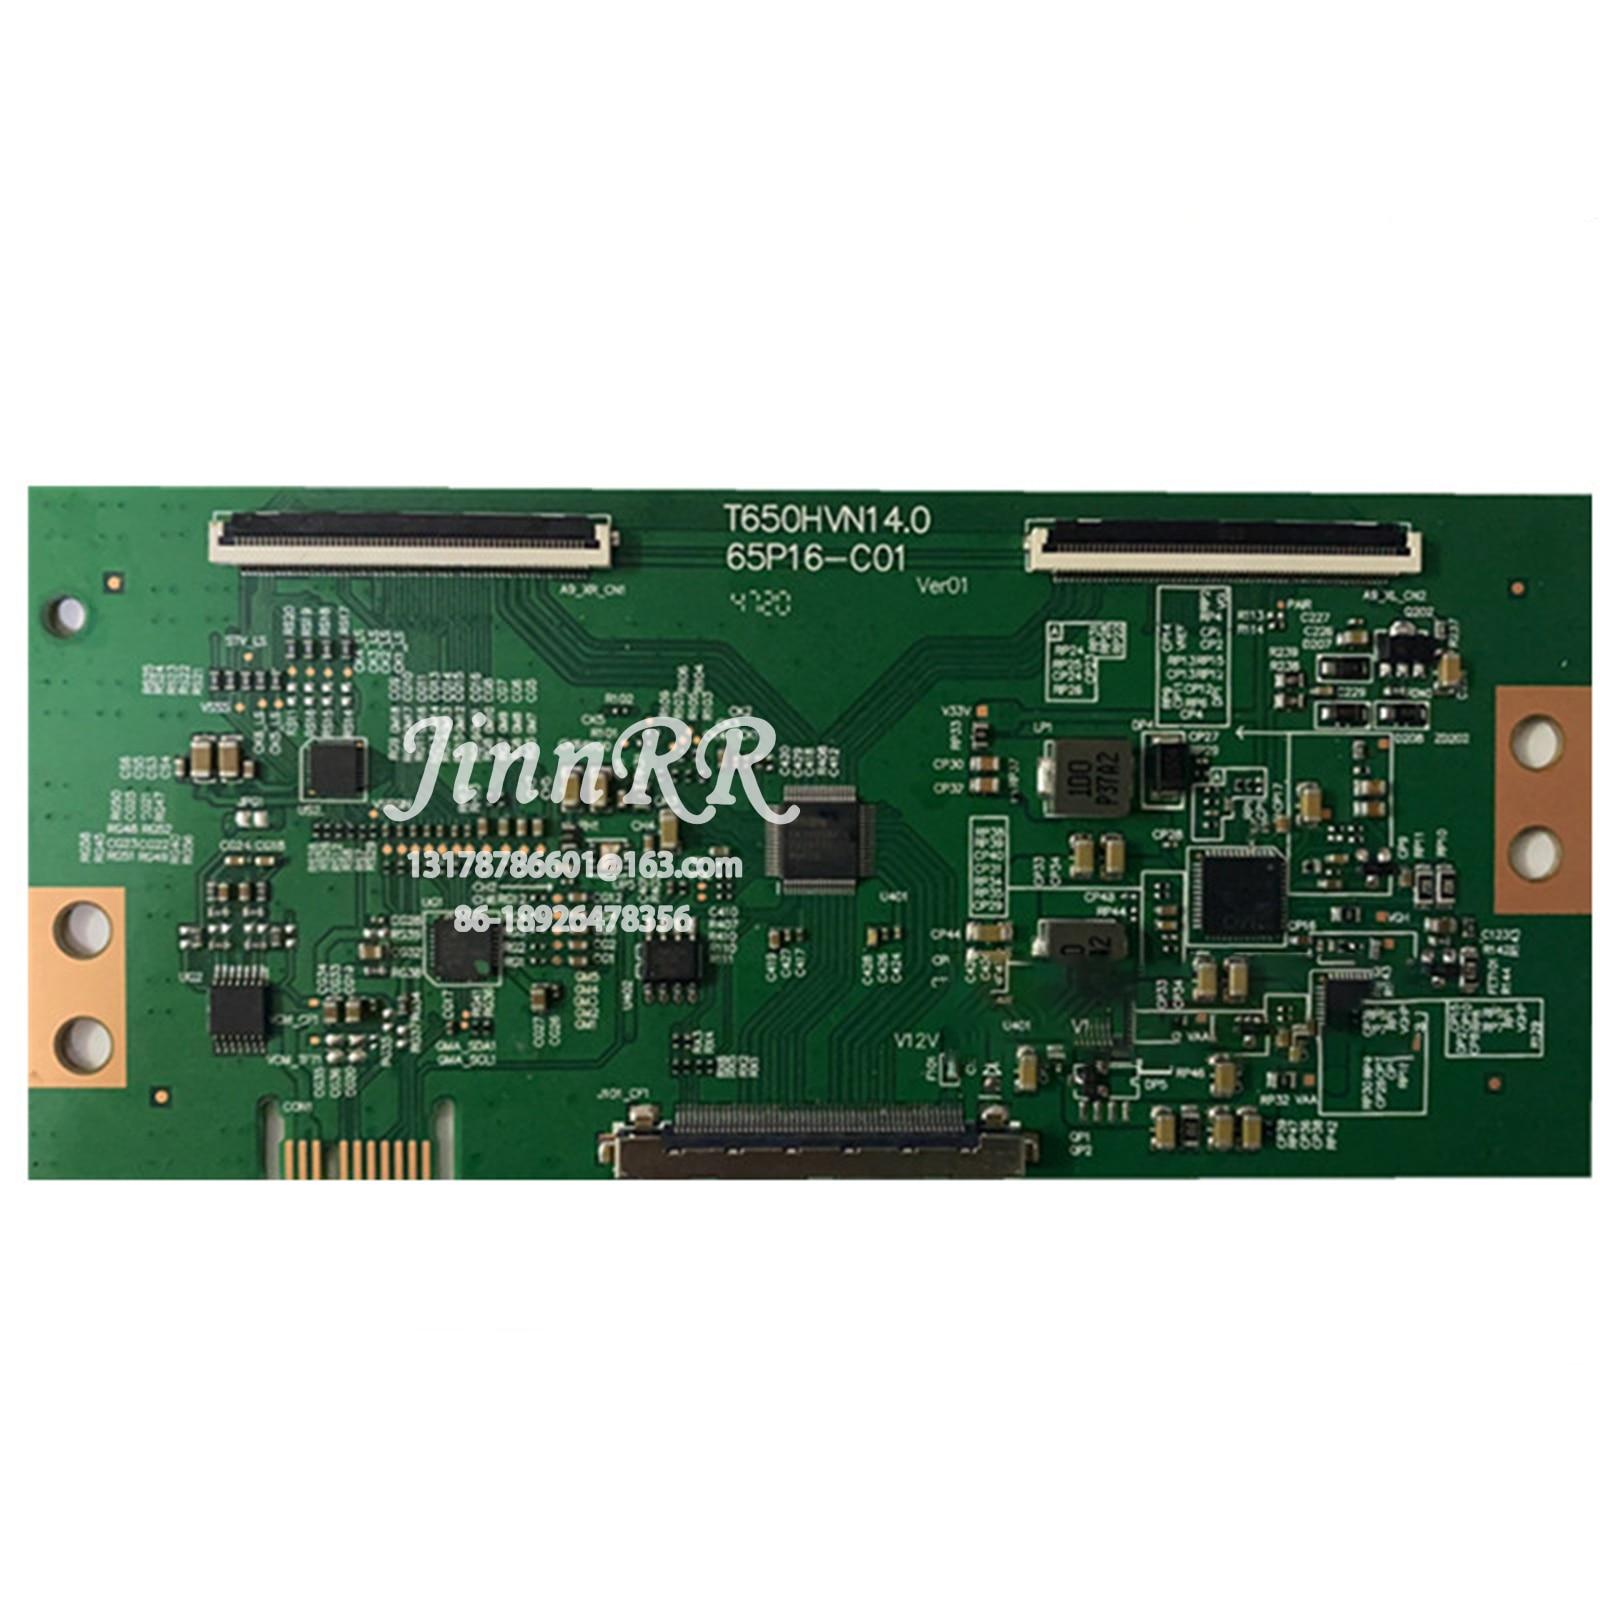 لوحة منطقية T650HVN14.0 65P16-C01, ترقية جديدة لـ T650HVN14.0 65P16-C01 ، اختبار شامل للجودة